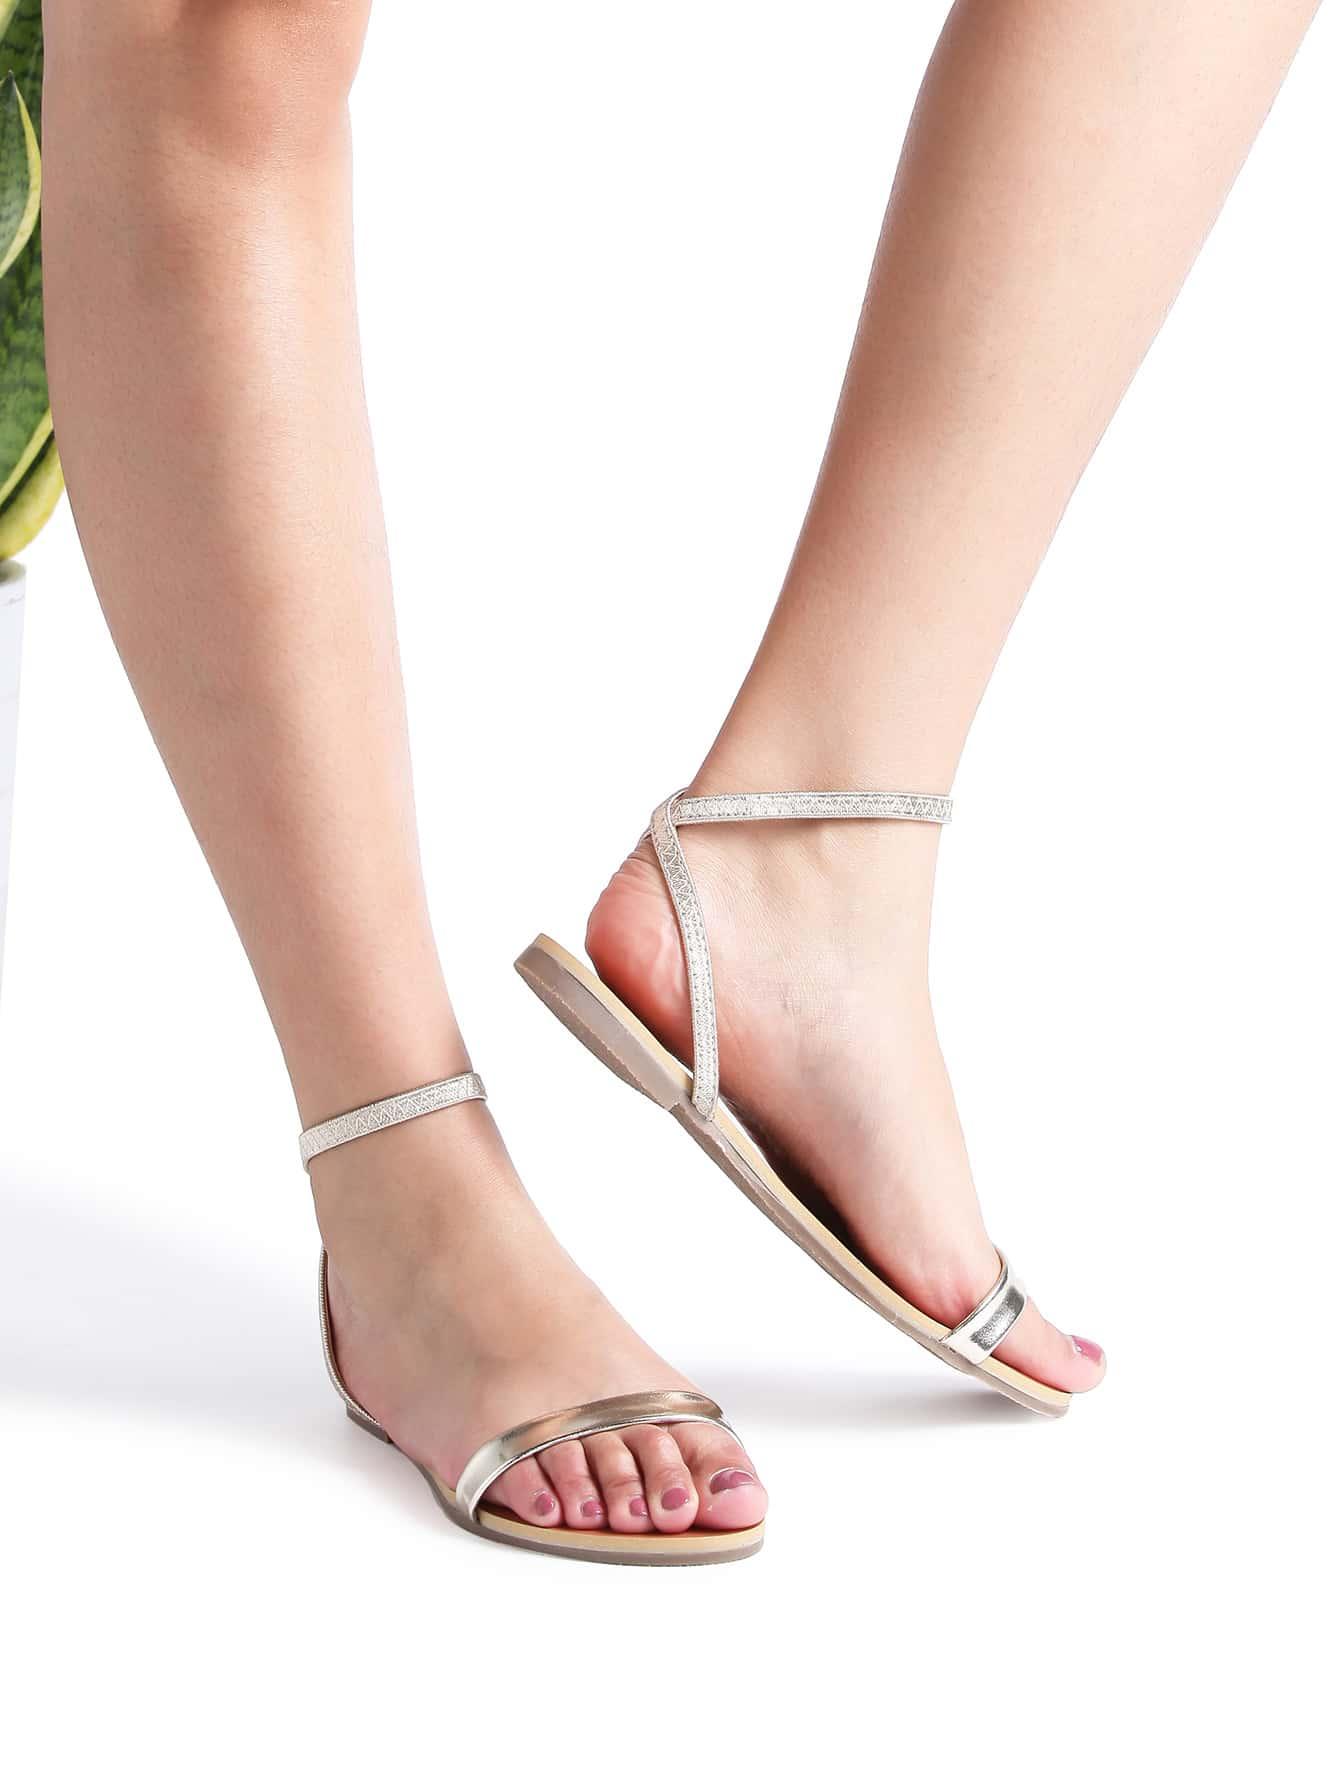 shoes170310801_2